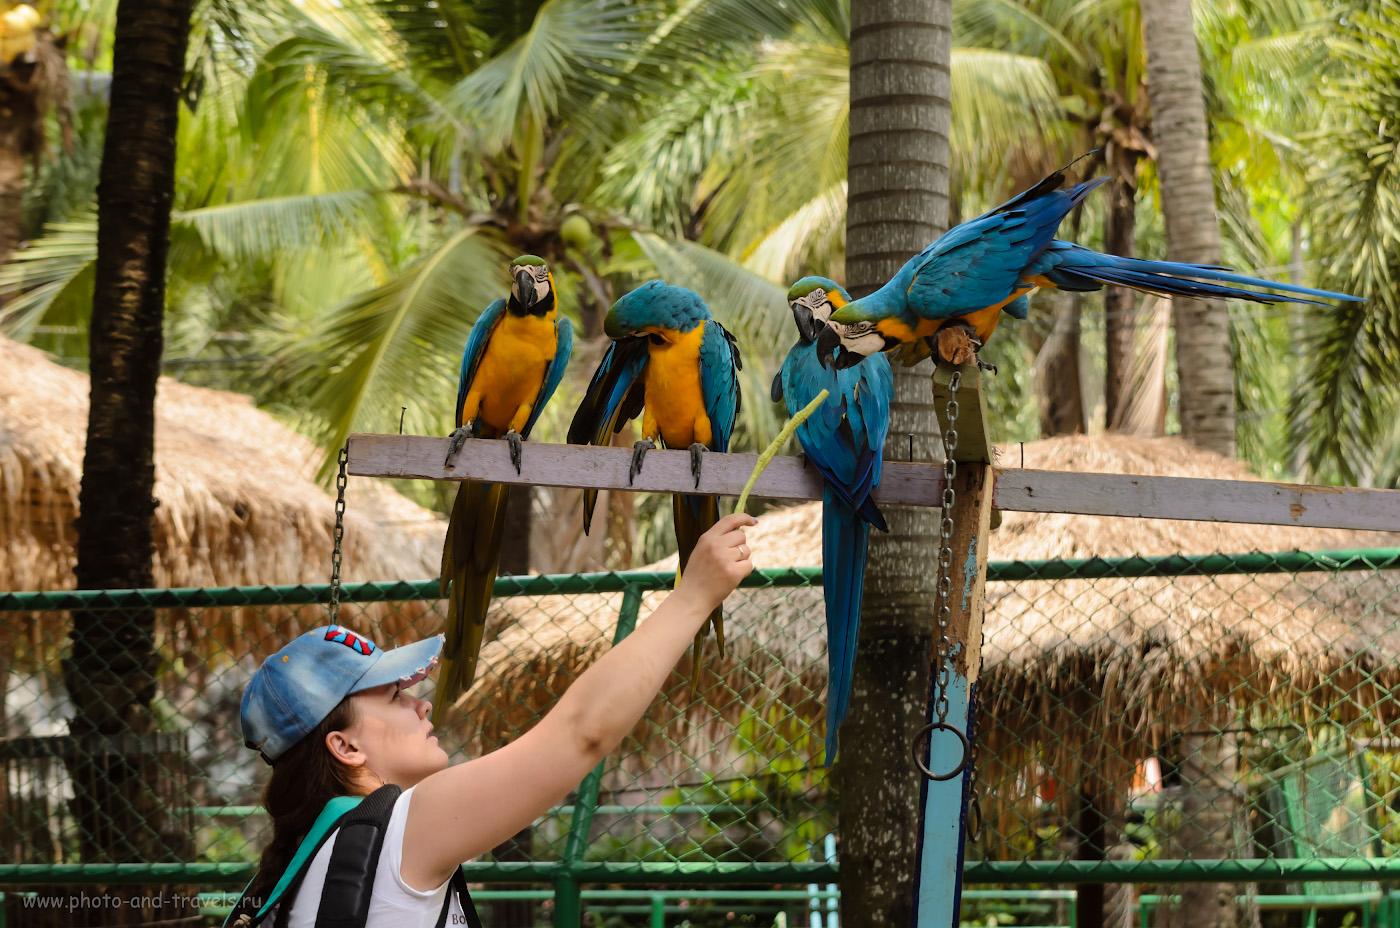 15. Покормить Ару в тропическом саду Нонг Нуч в Паттайе. Отзывы об отдыхе в Таиланде самостоятельно... (В=1/1000 сек, апертура f/4.5, ФР 70 мм, ISO 800)